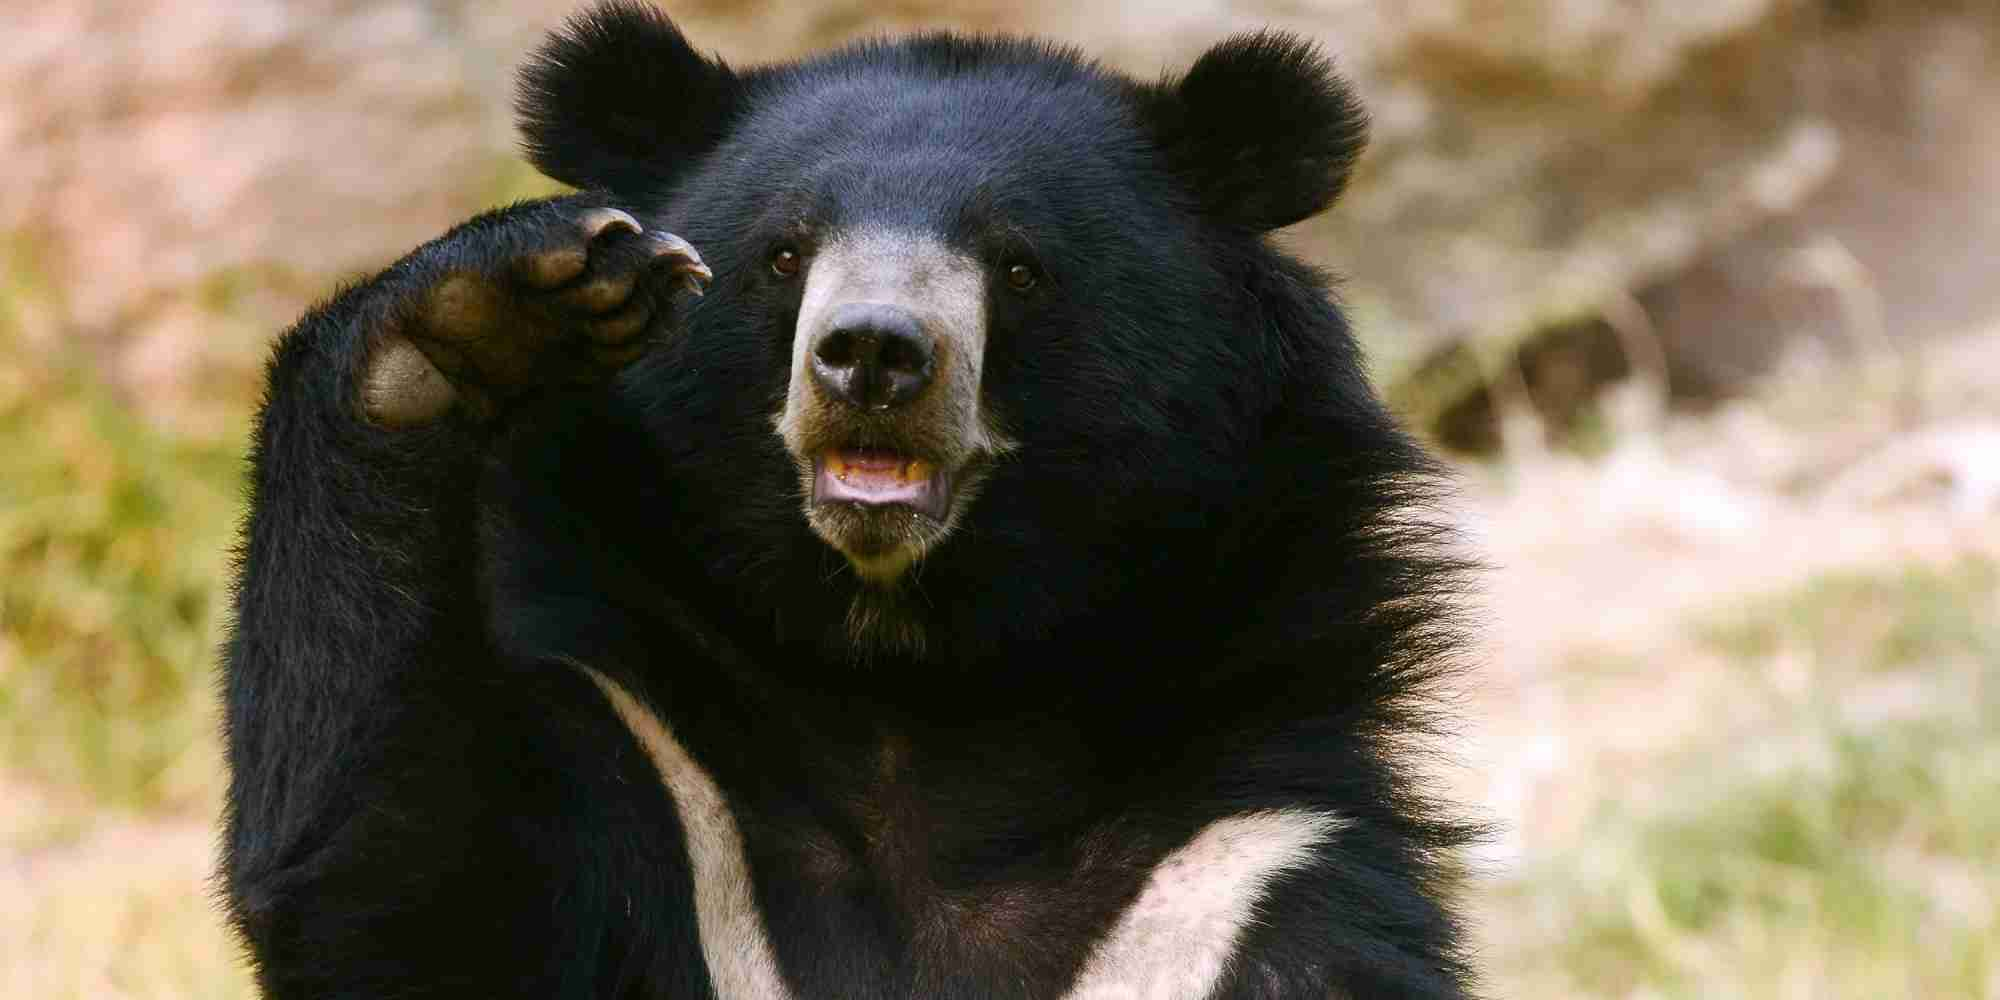 「人は食べられる」クマが学習か 胃から人体の一部、4人を襲った可能性